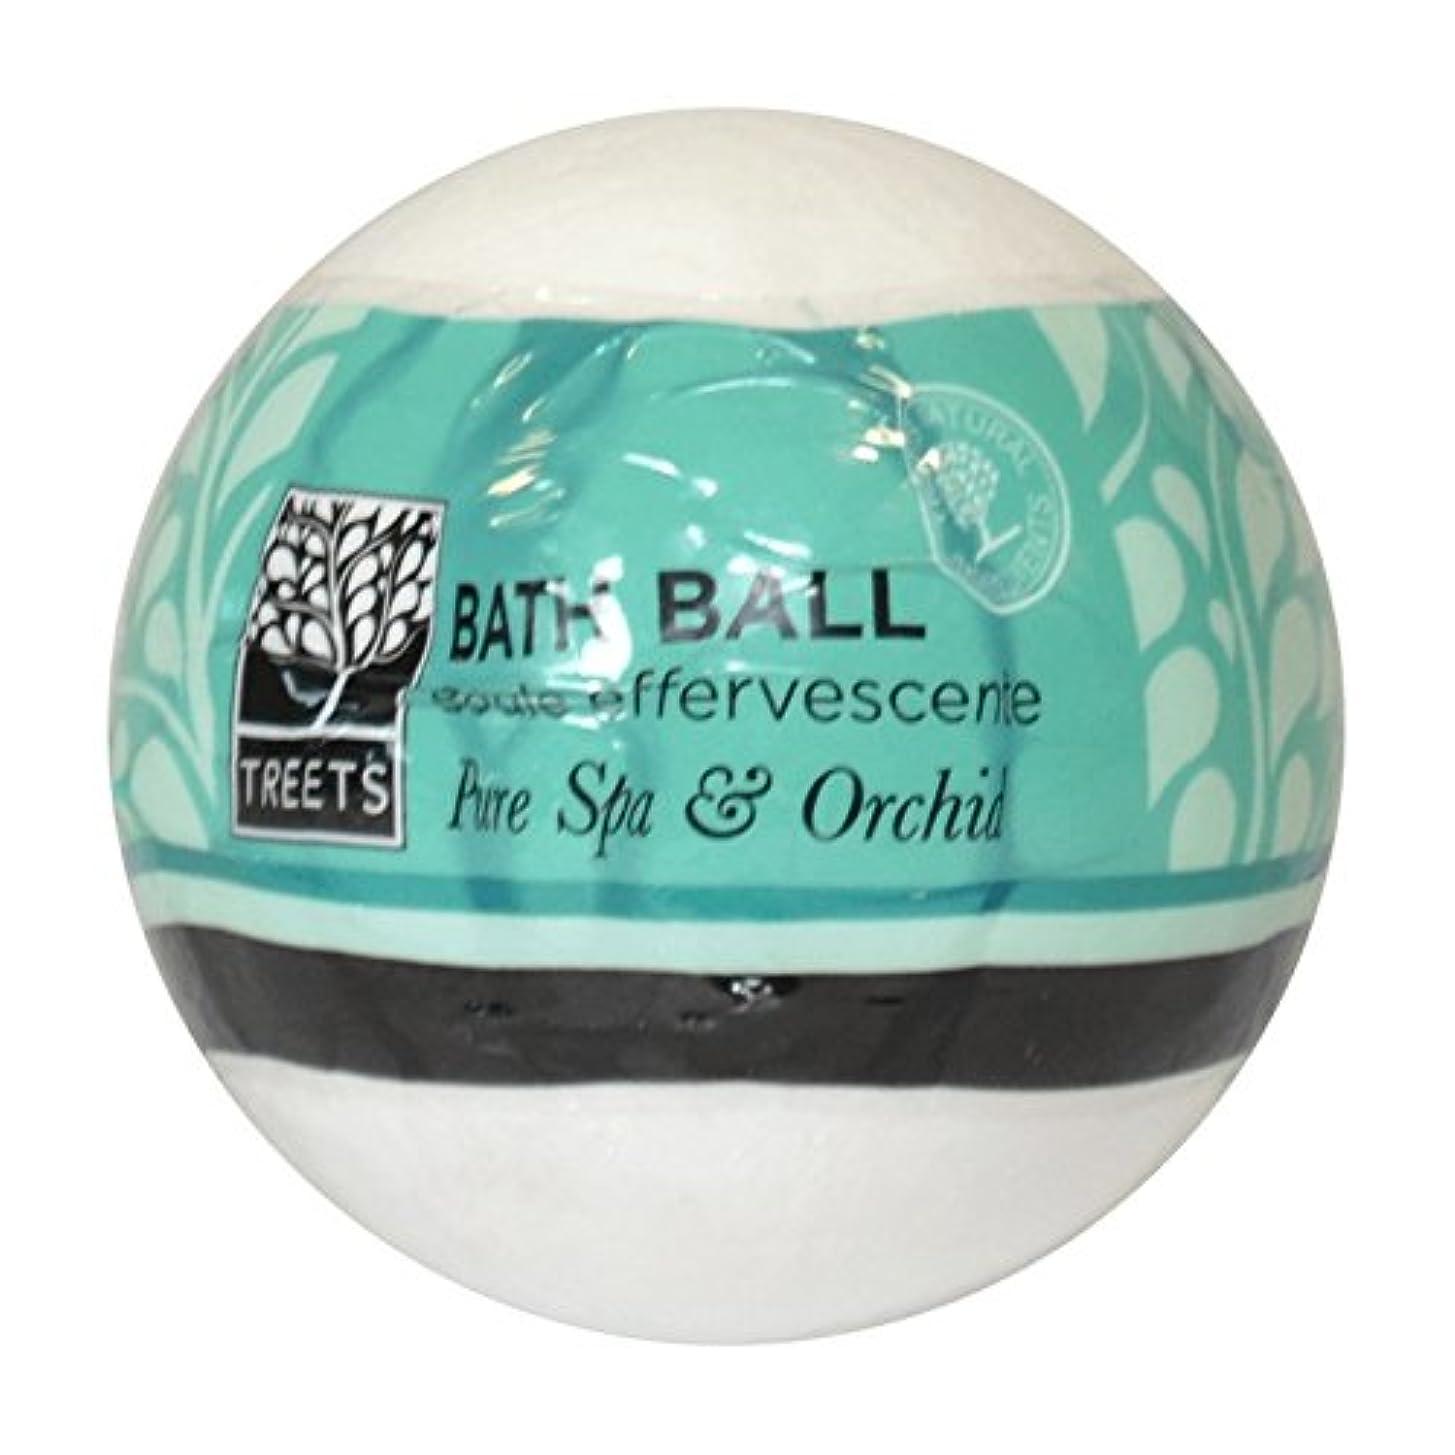 ウサギ軍団寛大なTreets Orchid & Pure Spa Bath Ball (Pack of 2) - Treets蘭&純粋なスパバスボール (x2) [並行輸入品]